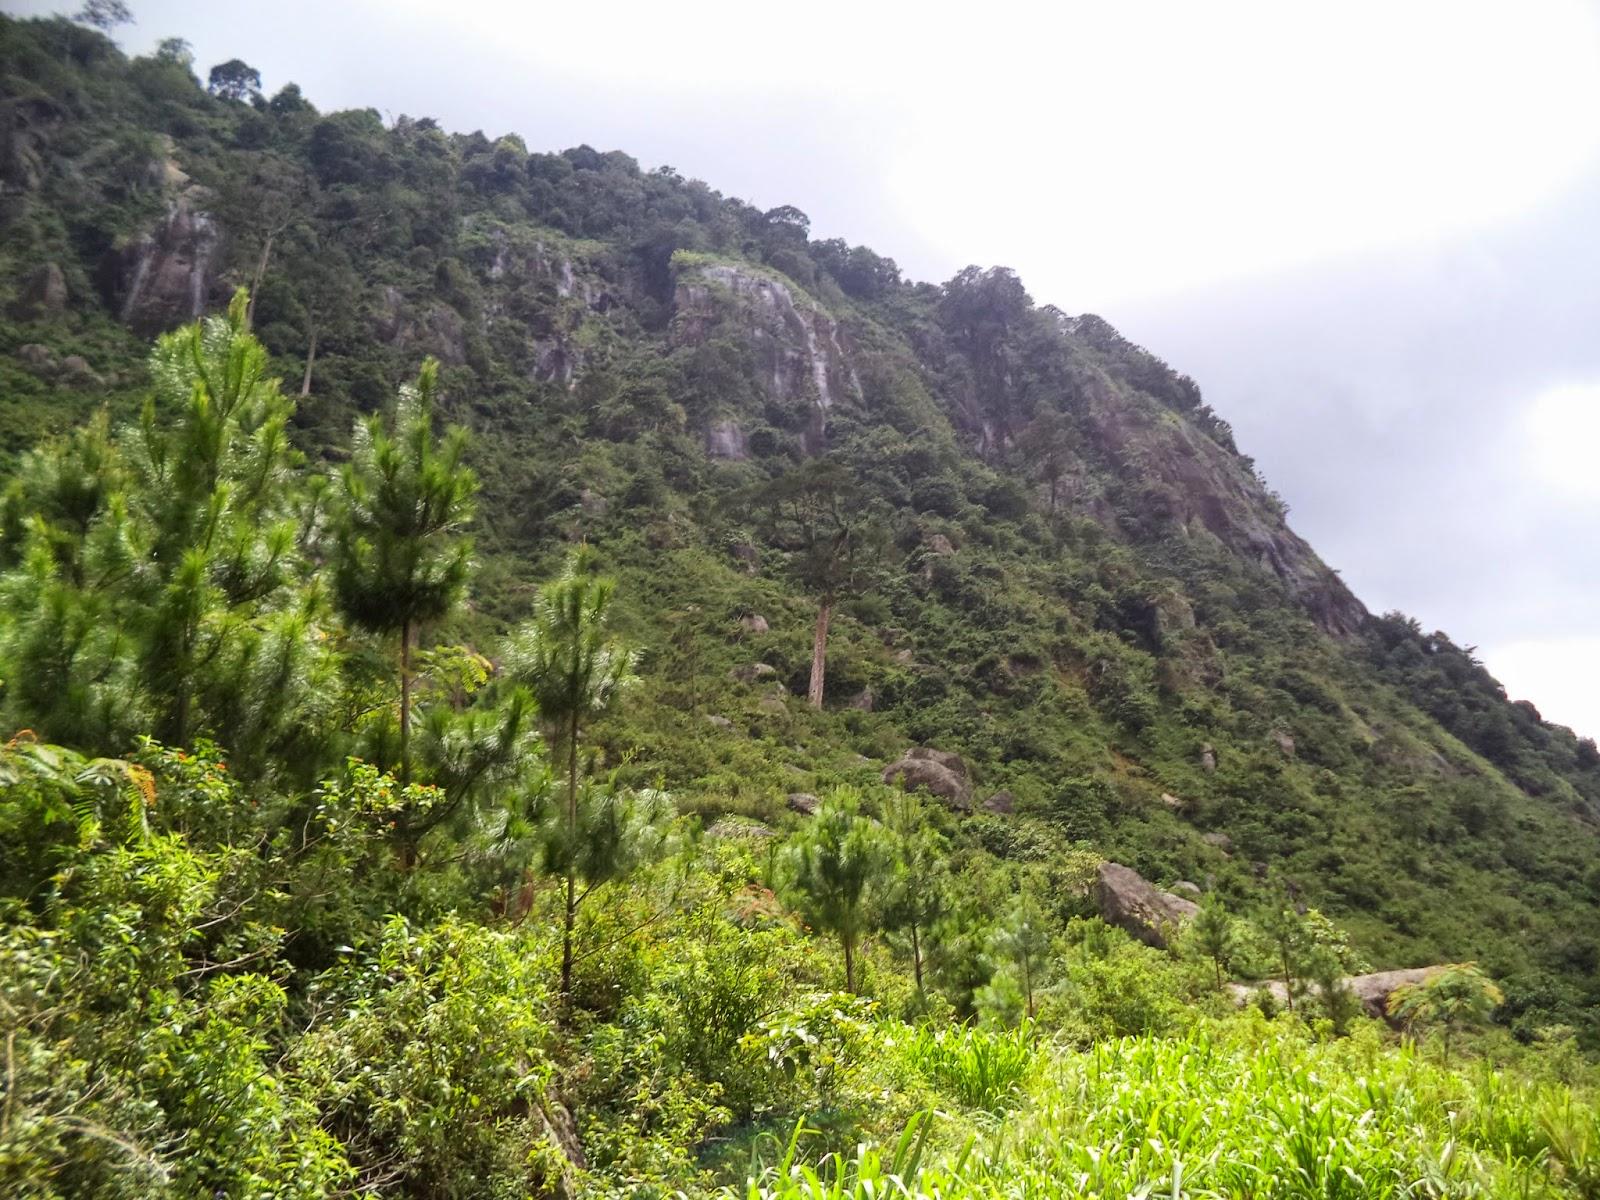 Download 8600 Background Pemandangan Desa HD Terbaik